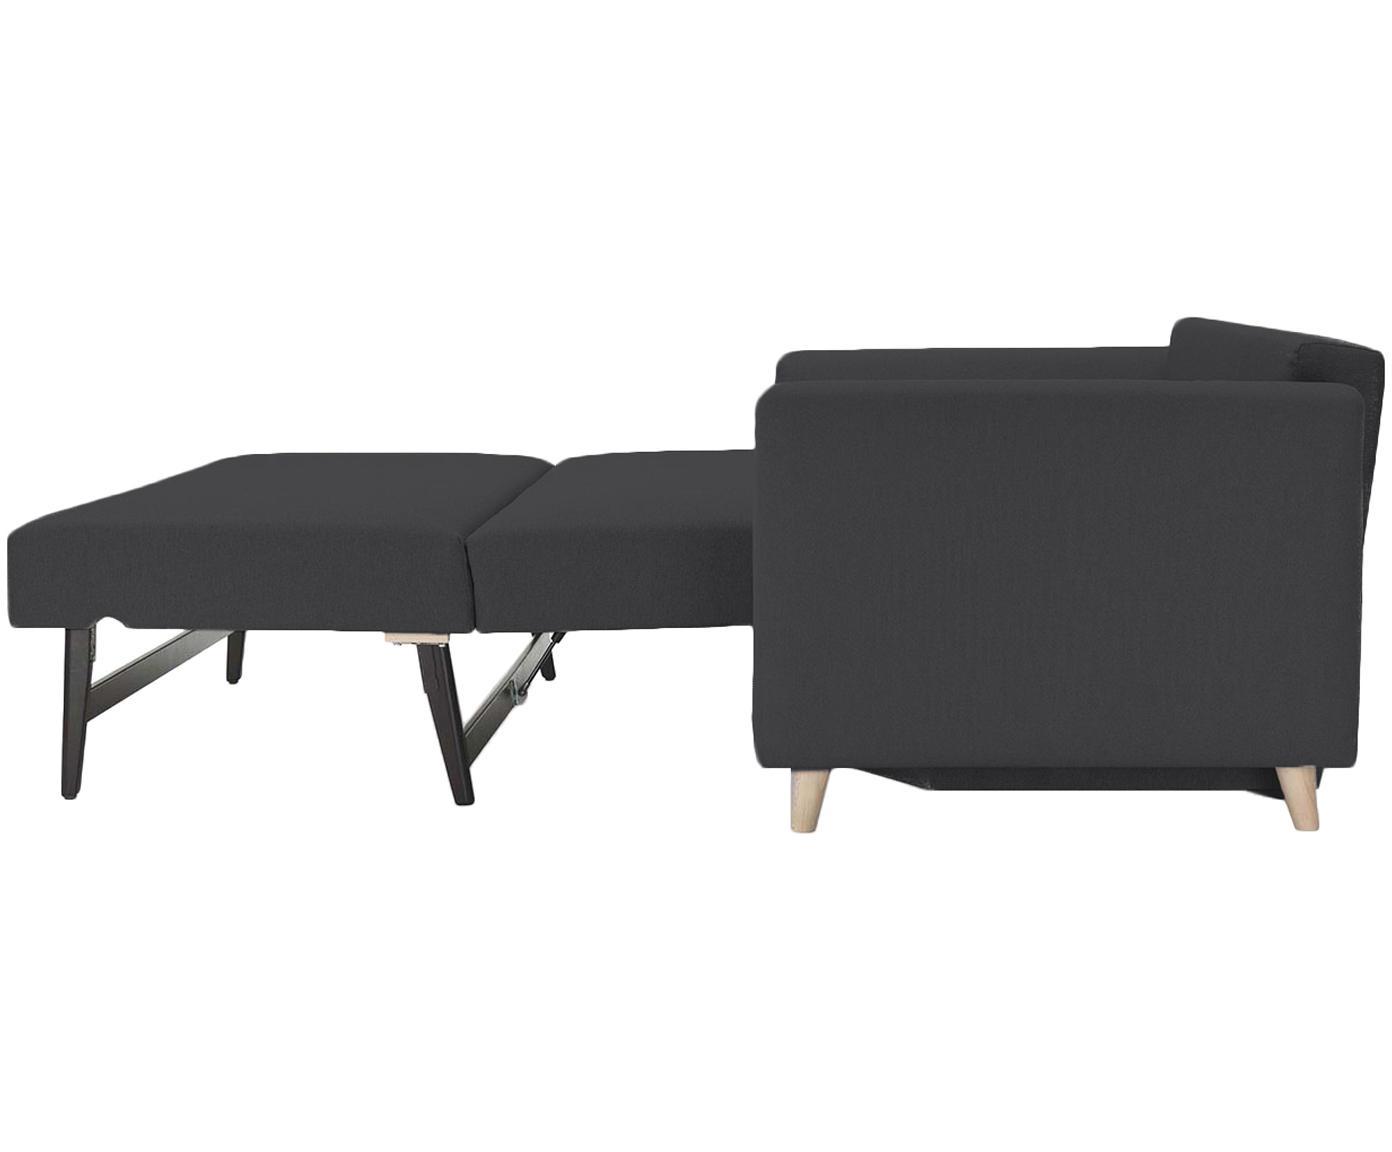 Schlafsofa Bruno (3-Sitzer), Bezug: Pflegeleichtes robustes P, Rahmen: Massivholz, Füße: Gebürstetes Metall oder B, Webstoff Anthrazit, B 200 x T 84 cm